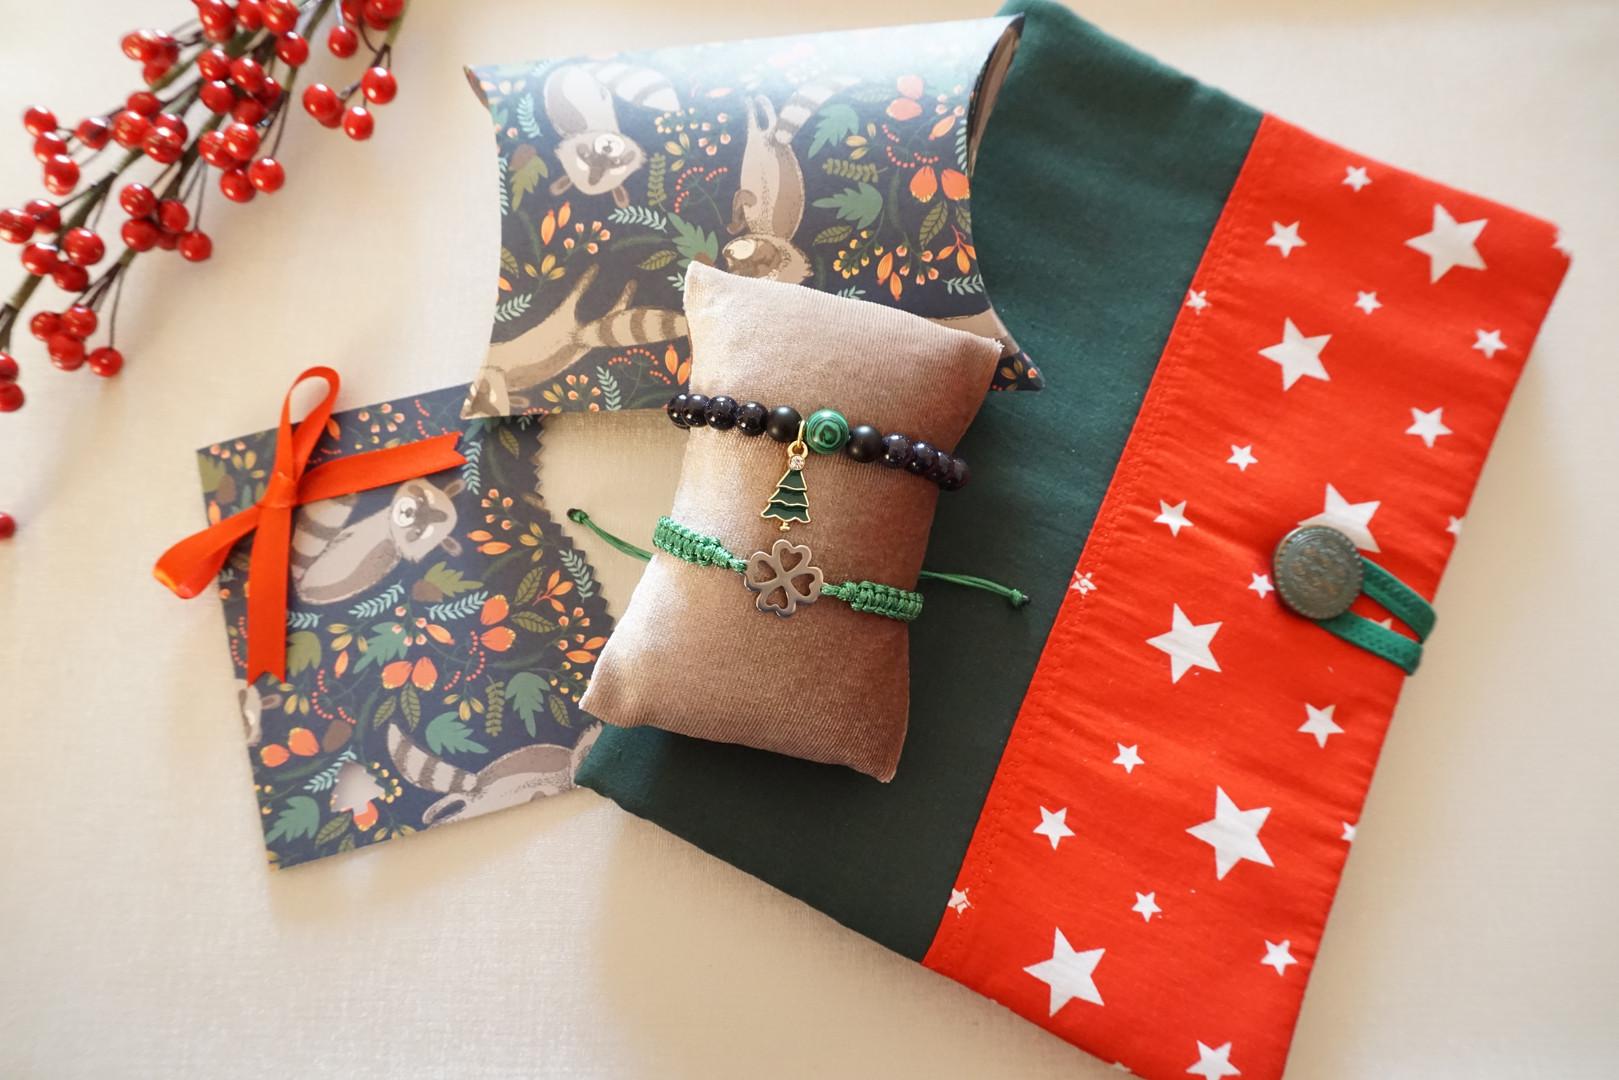 Valeany Box Коледна кутия с авторски подаръци